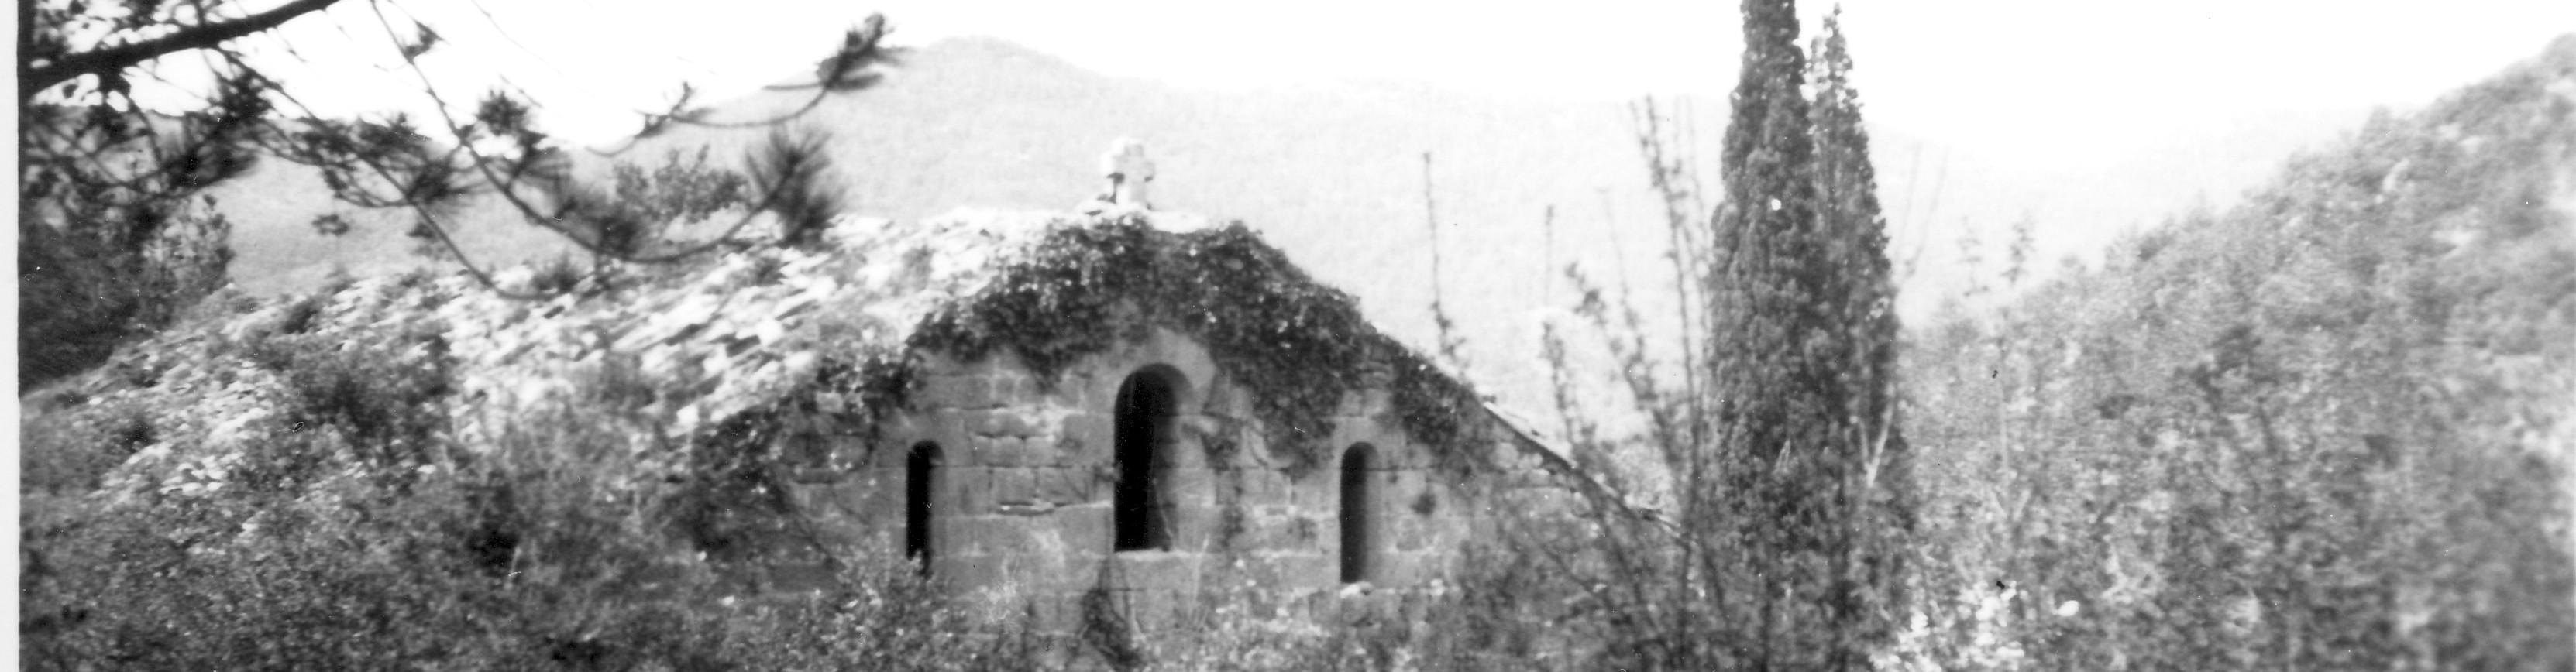 Rieunette 1952